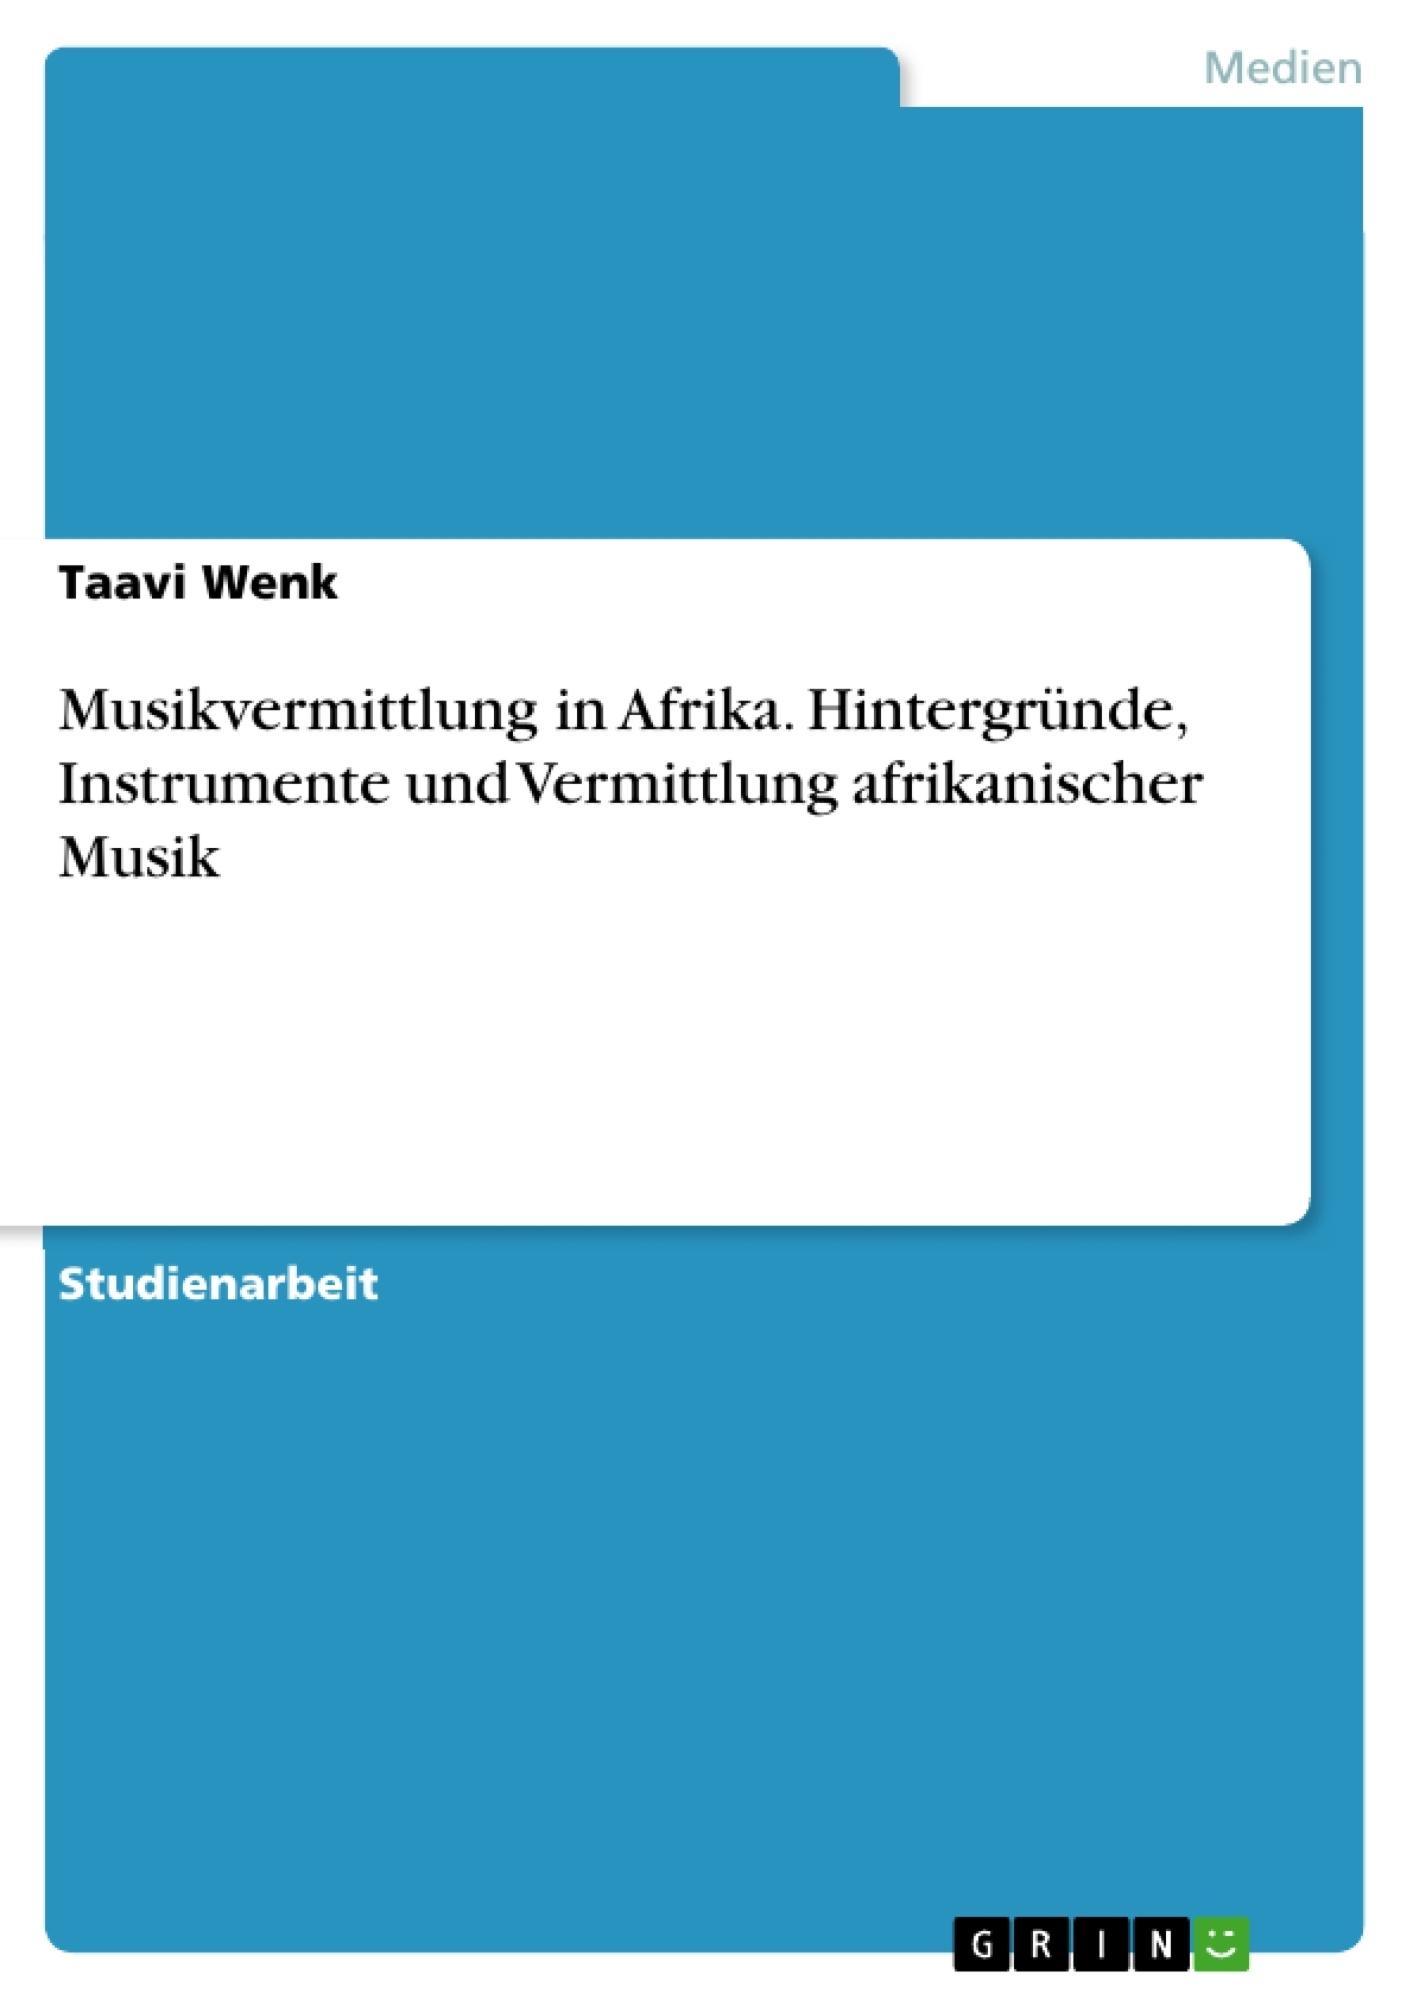 Titel: Musikvermittlung in Afrika. Hintergründe, Instrumente und Vermittlung afrikanischer Musik